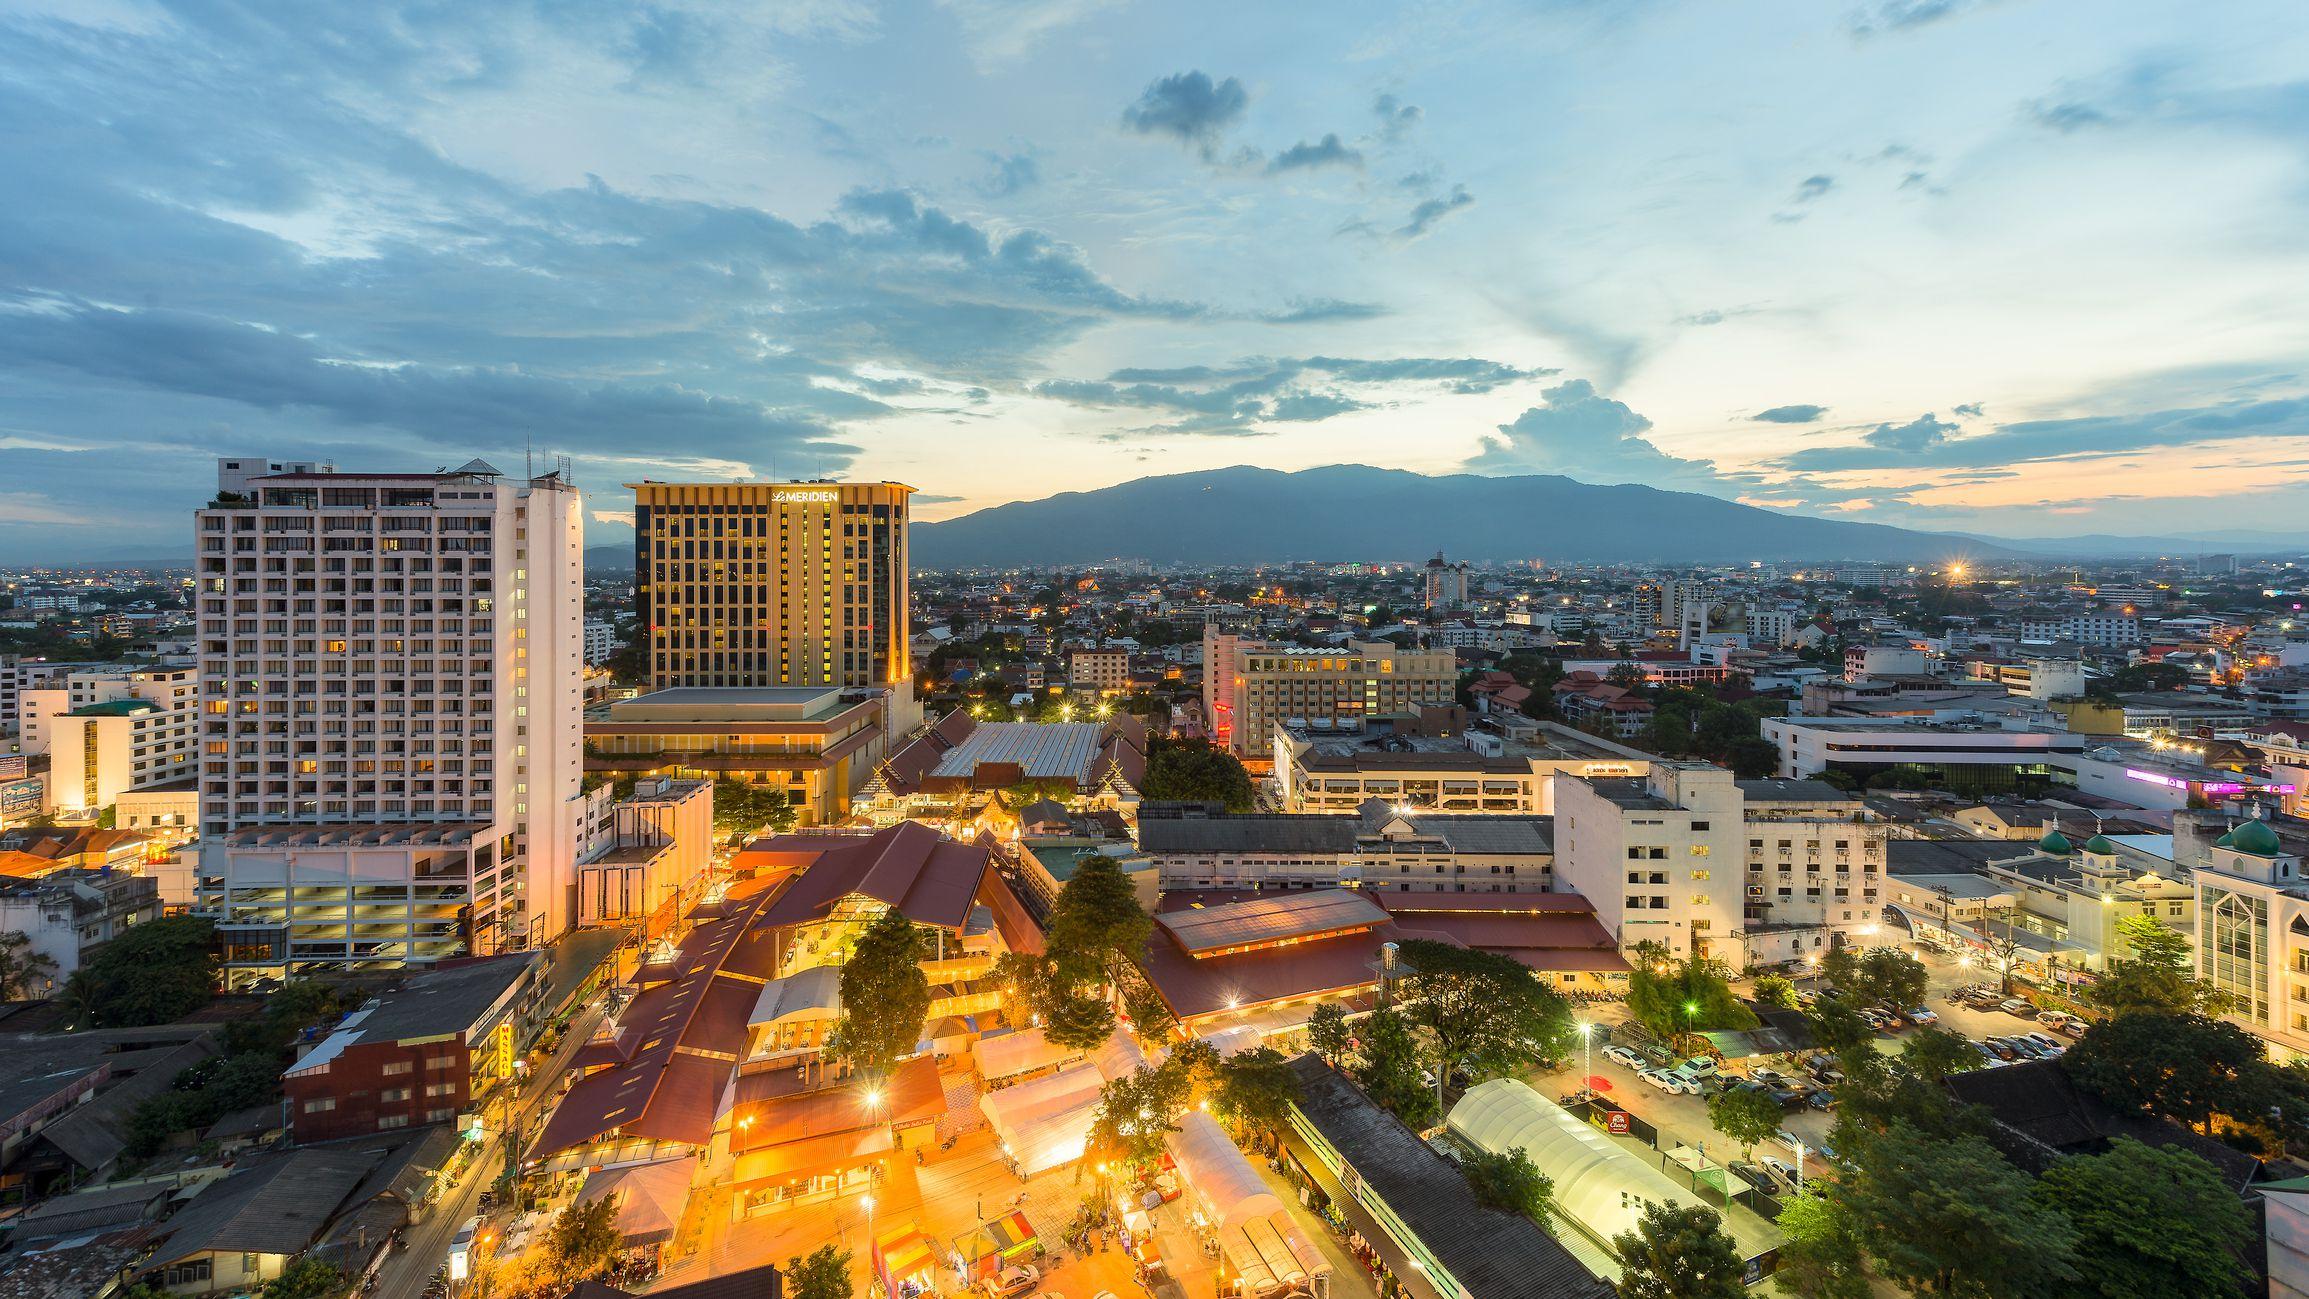 Bangkok to Chiang Mai: Buses, Trains, and Flights